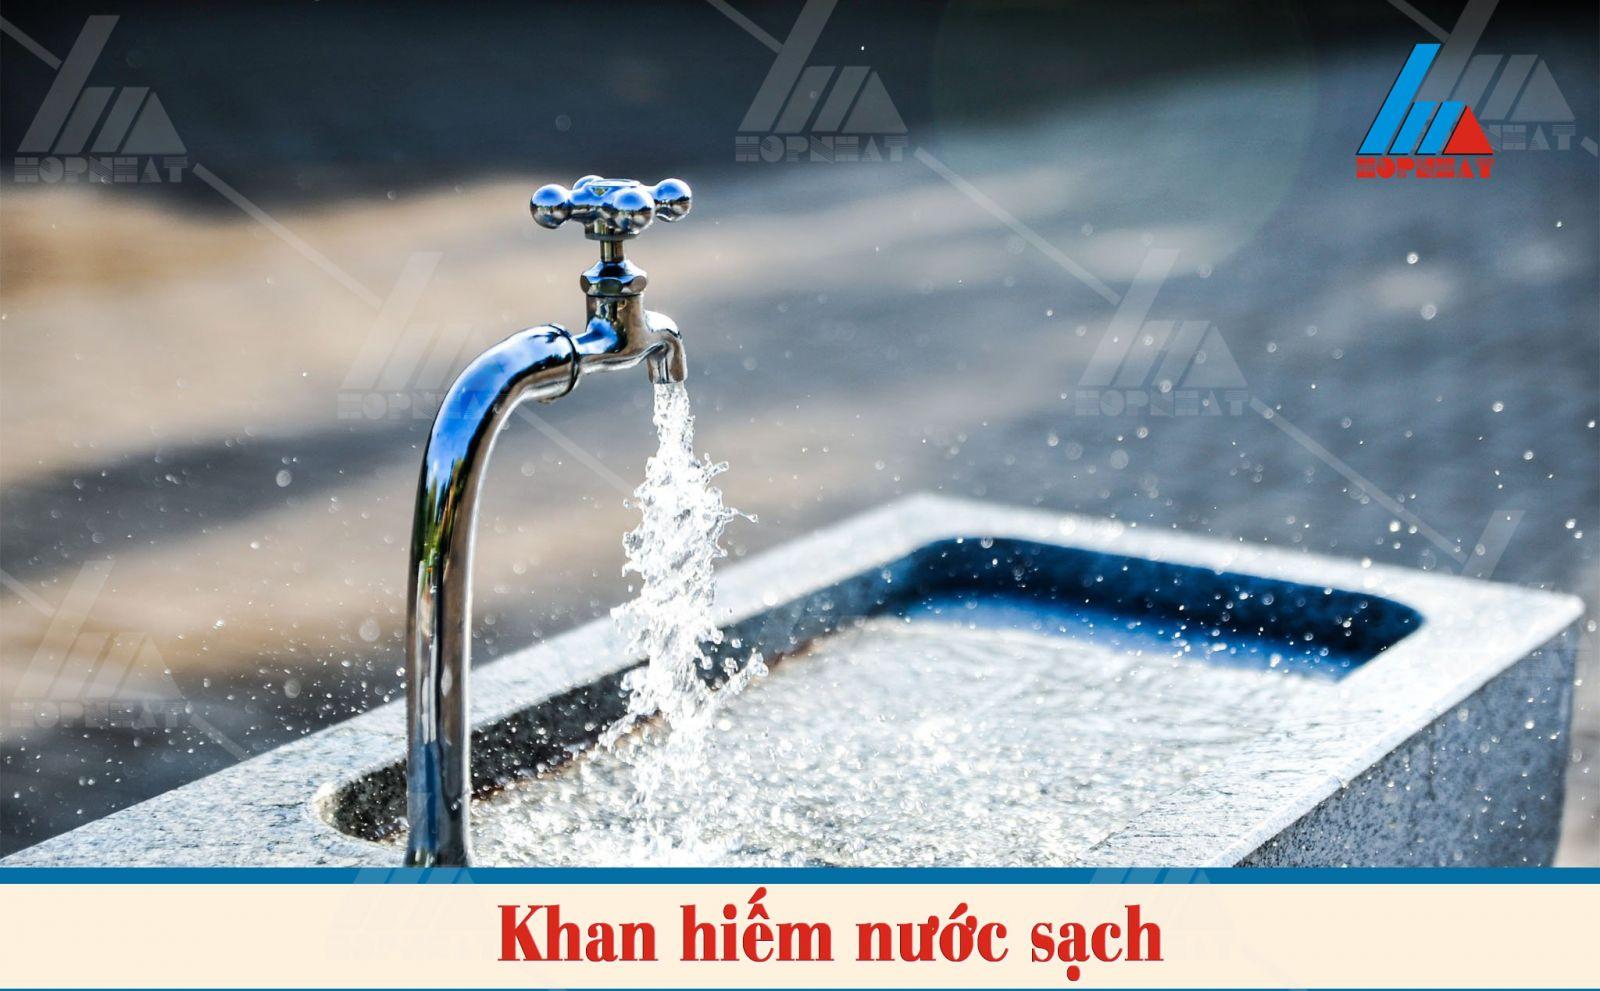 Nước sạch trên thế giới đang khan hiếm